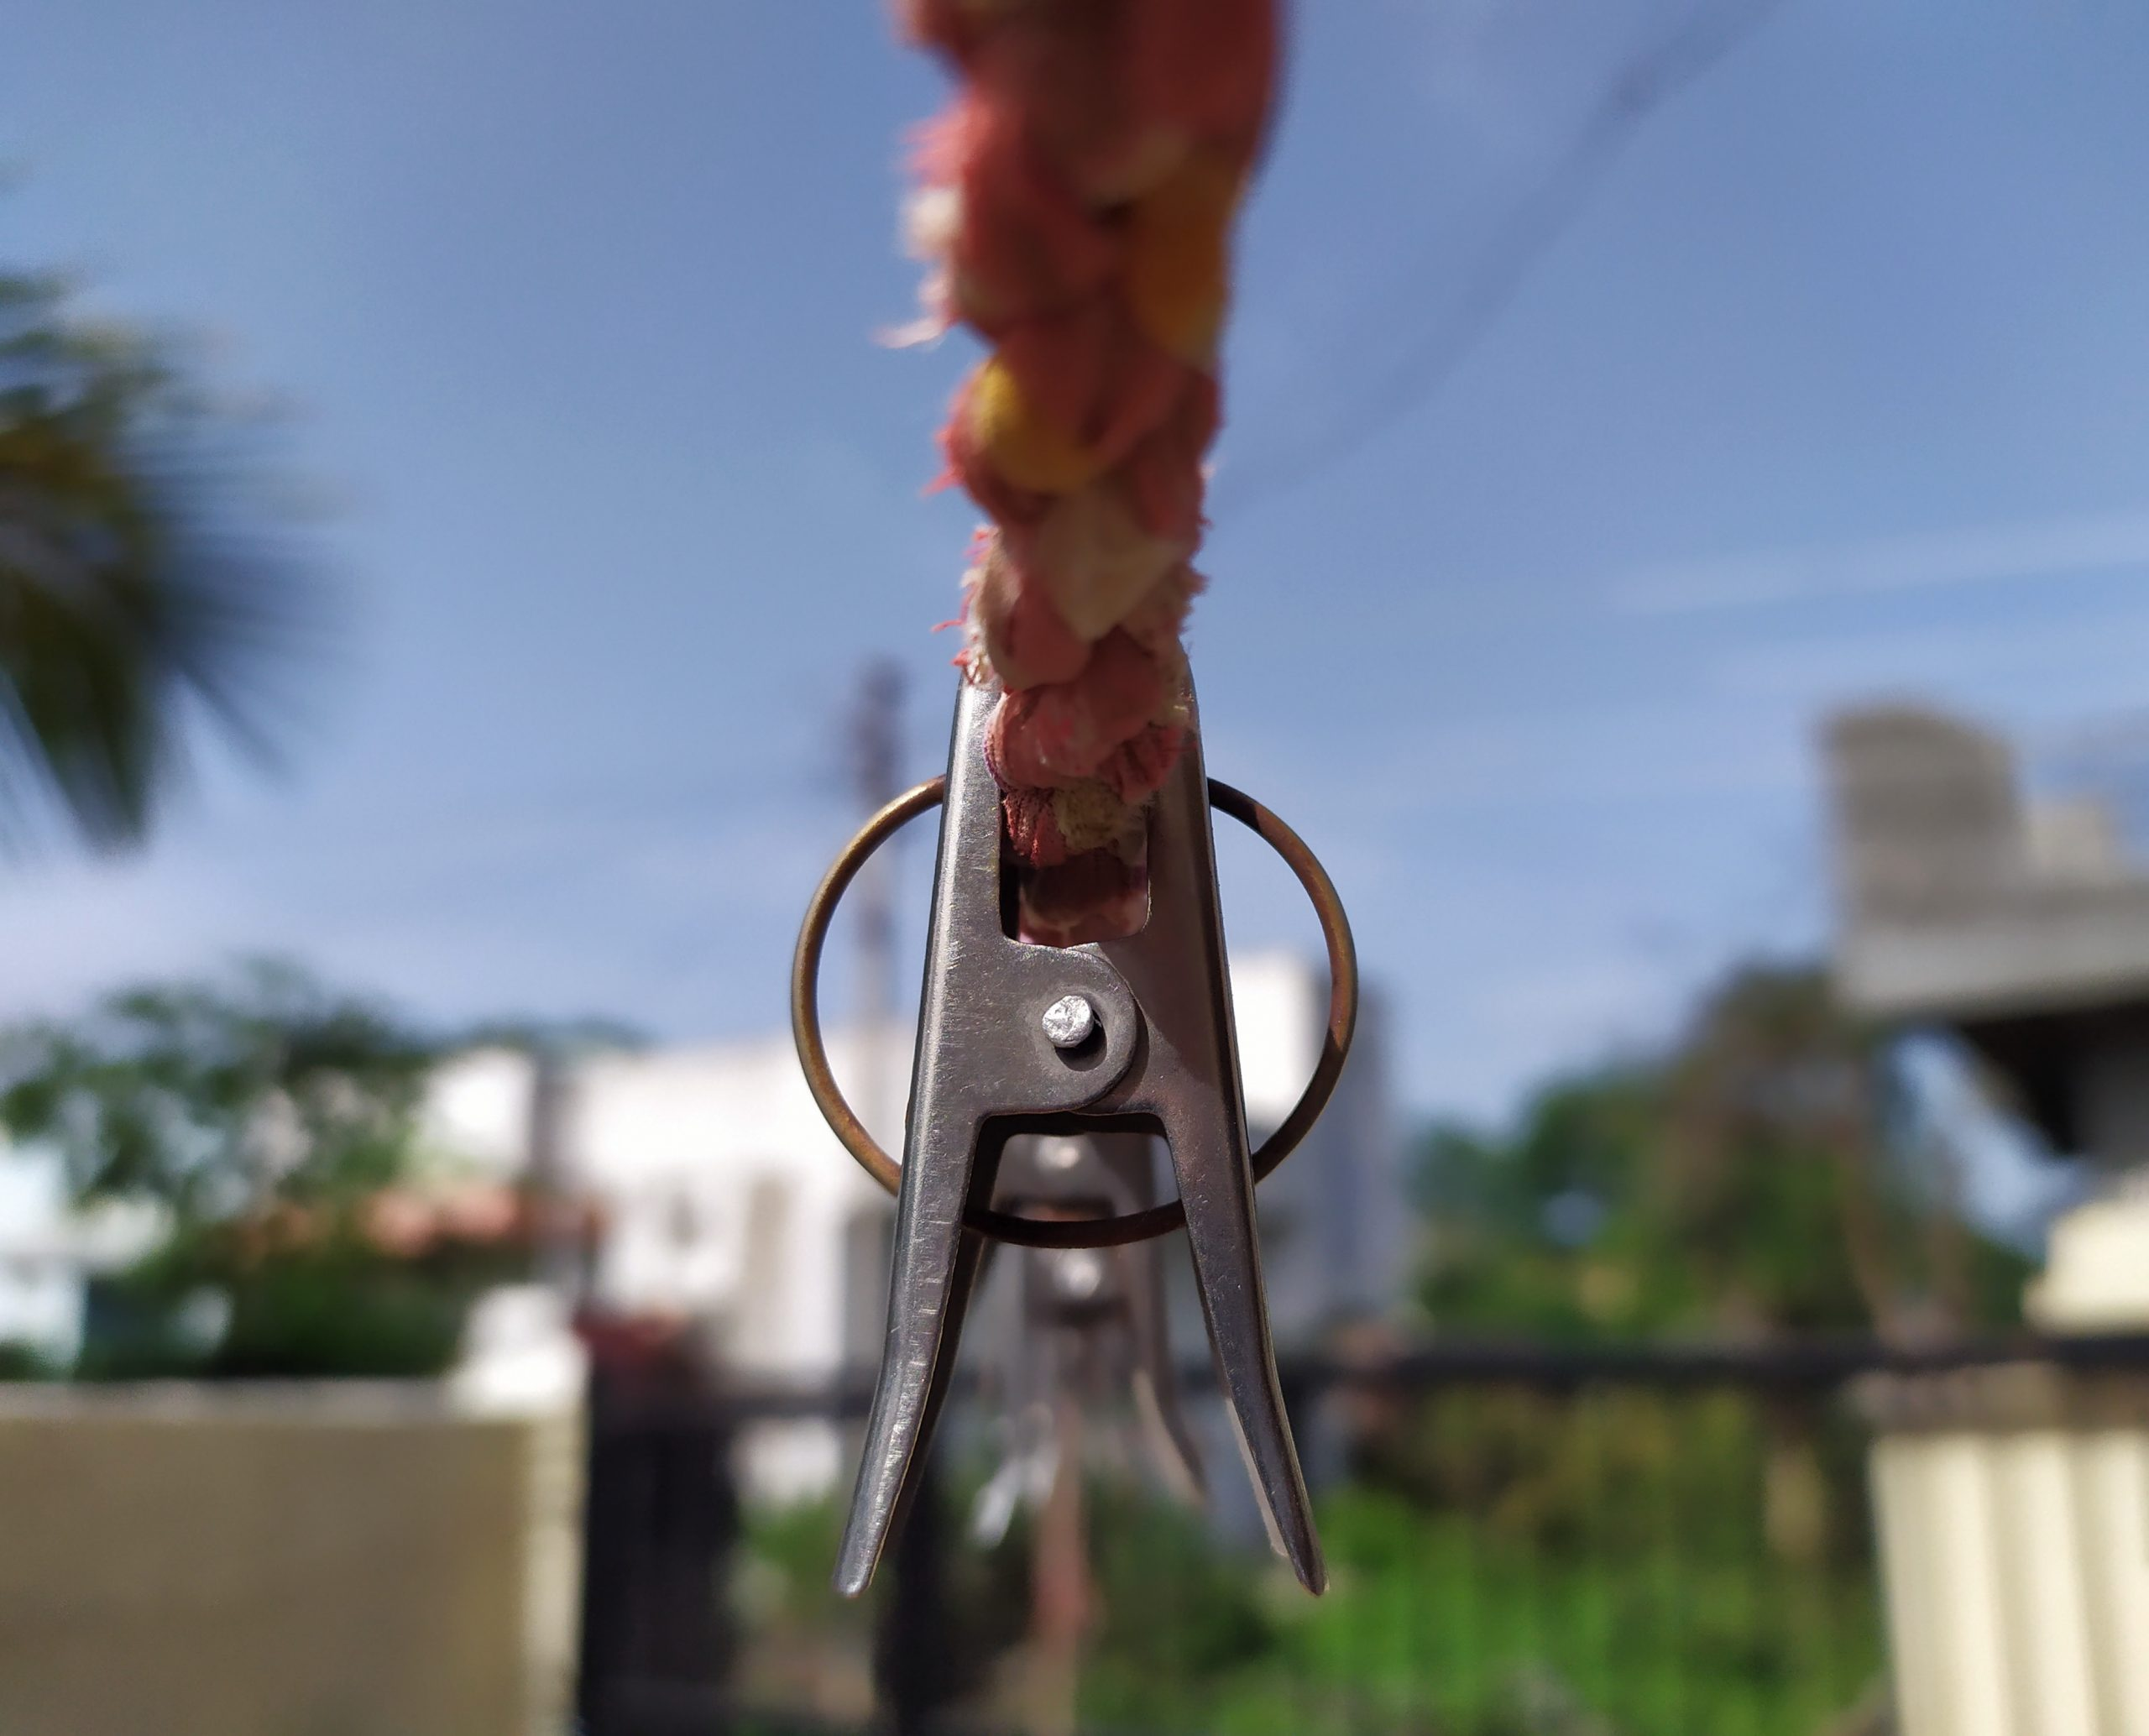 A cloth clip